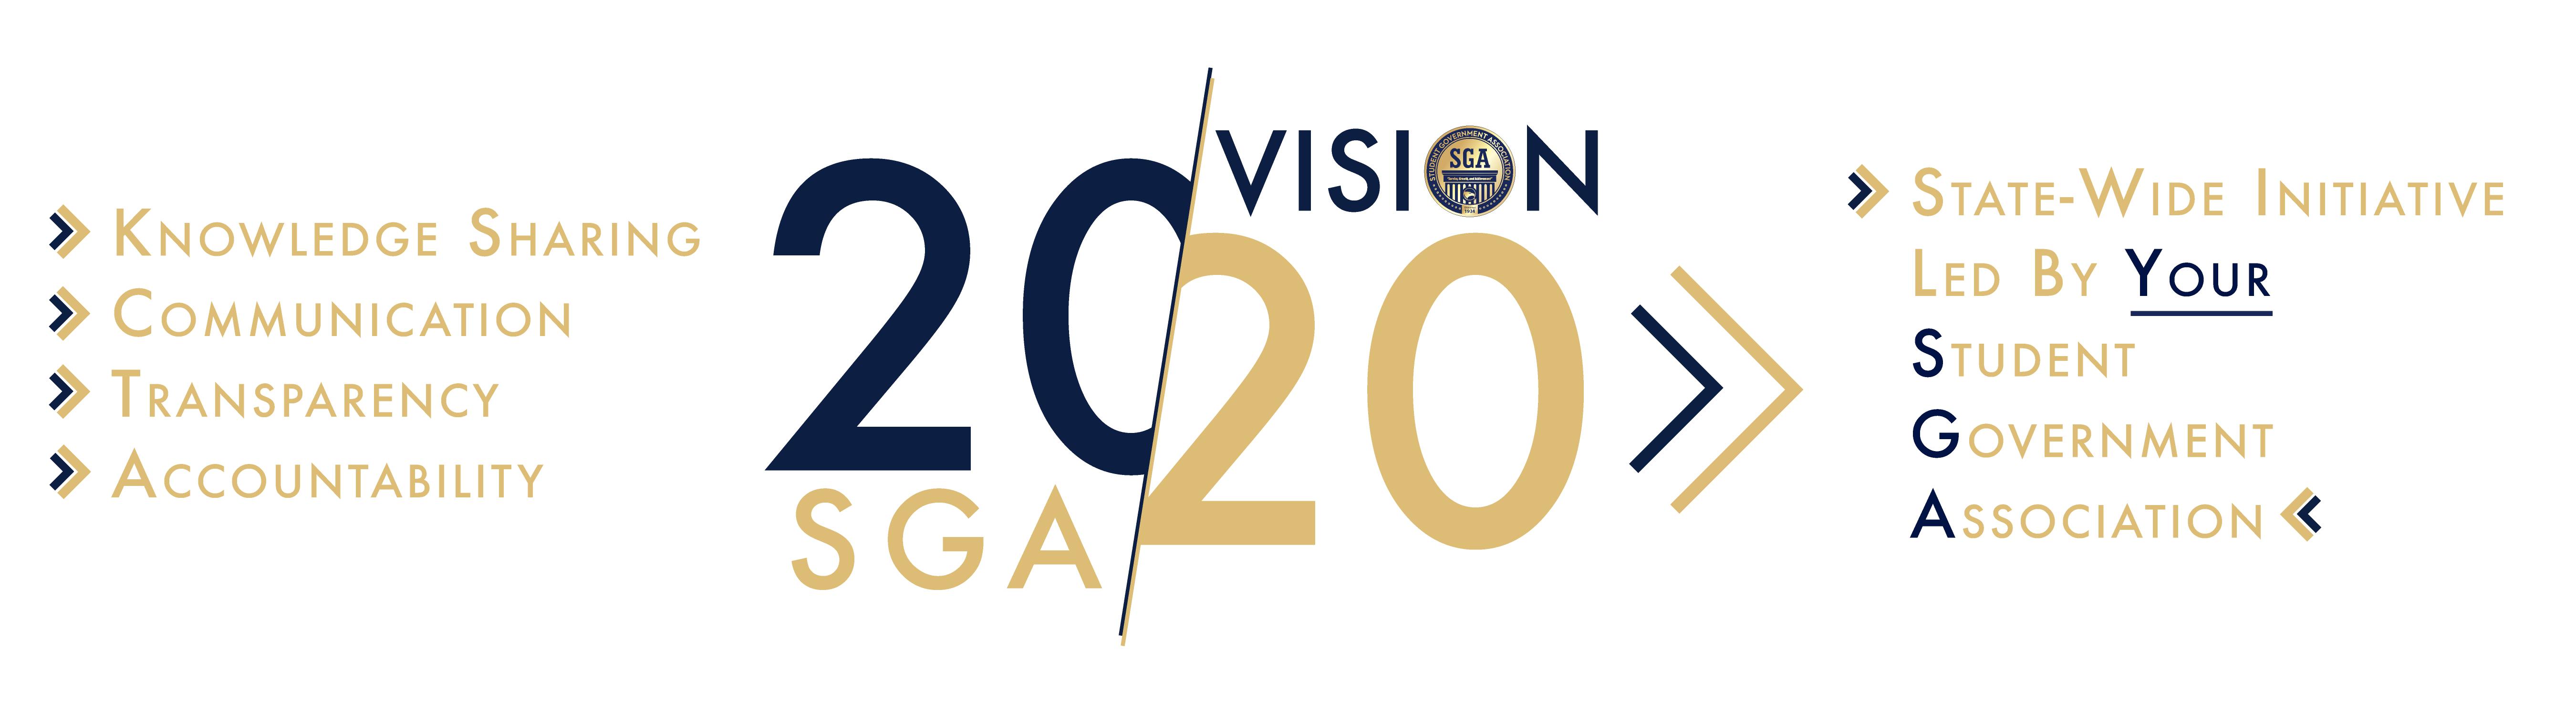 2020-bus_ad-01